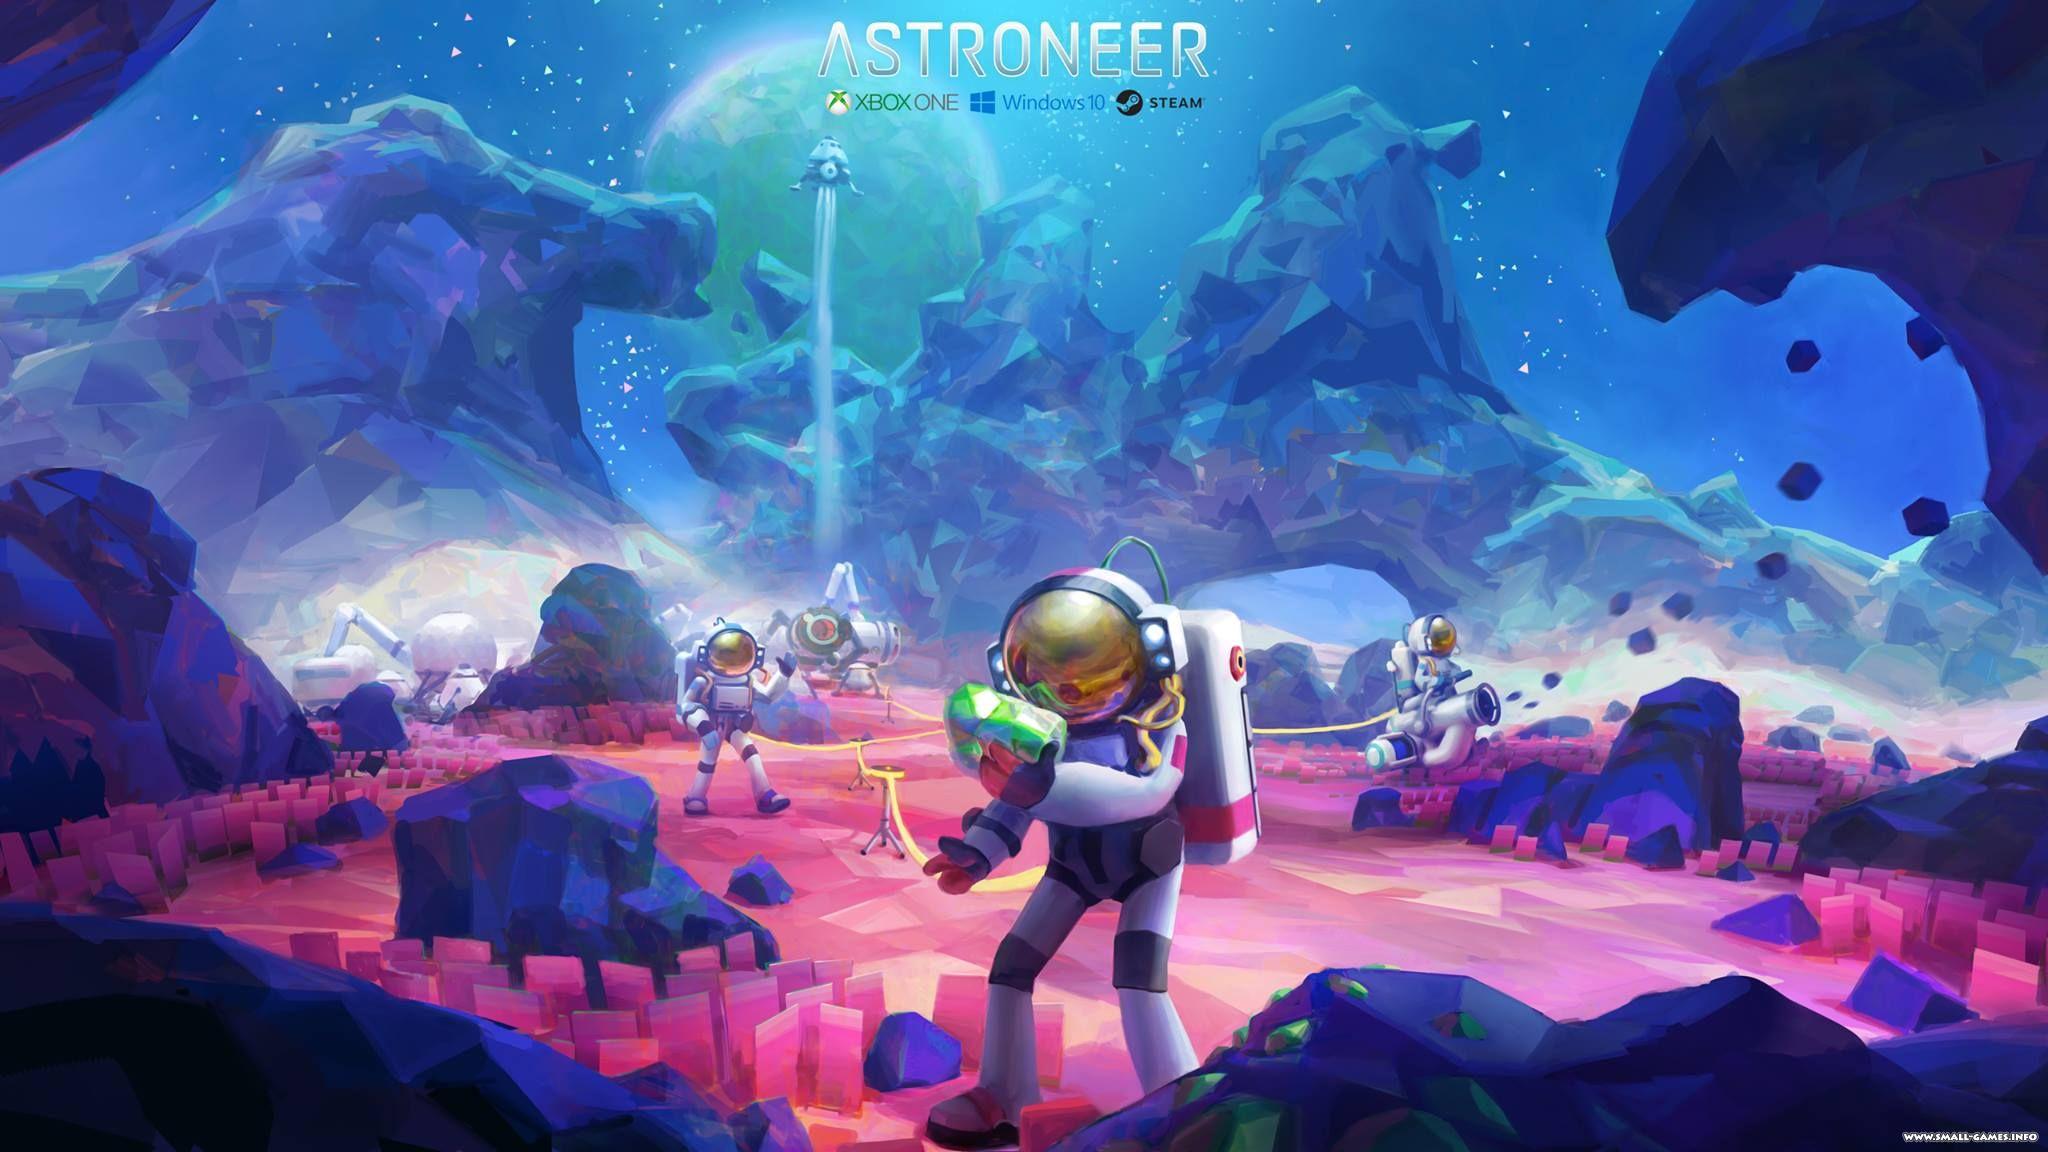 Astroneer v1 4 15 0 - торрент, скачать бесплатно полную